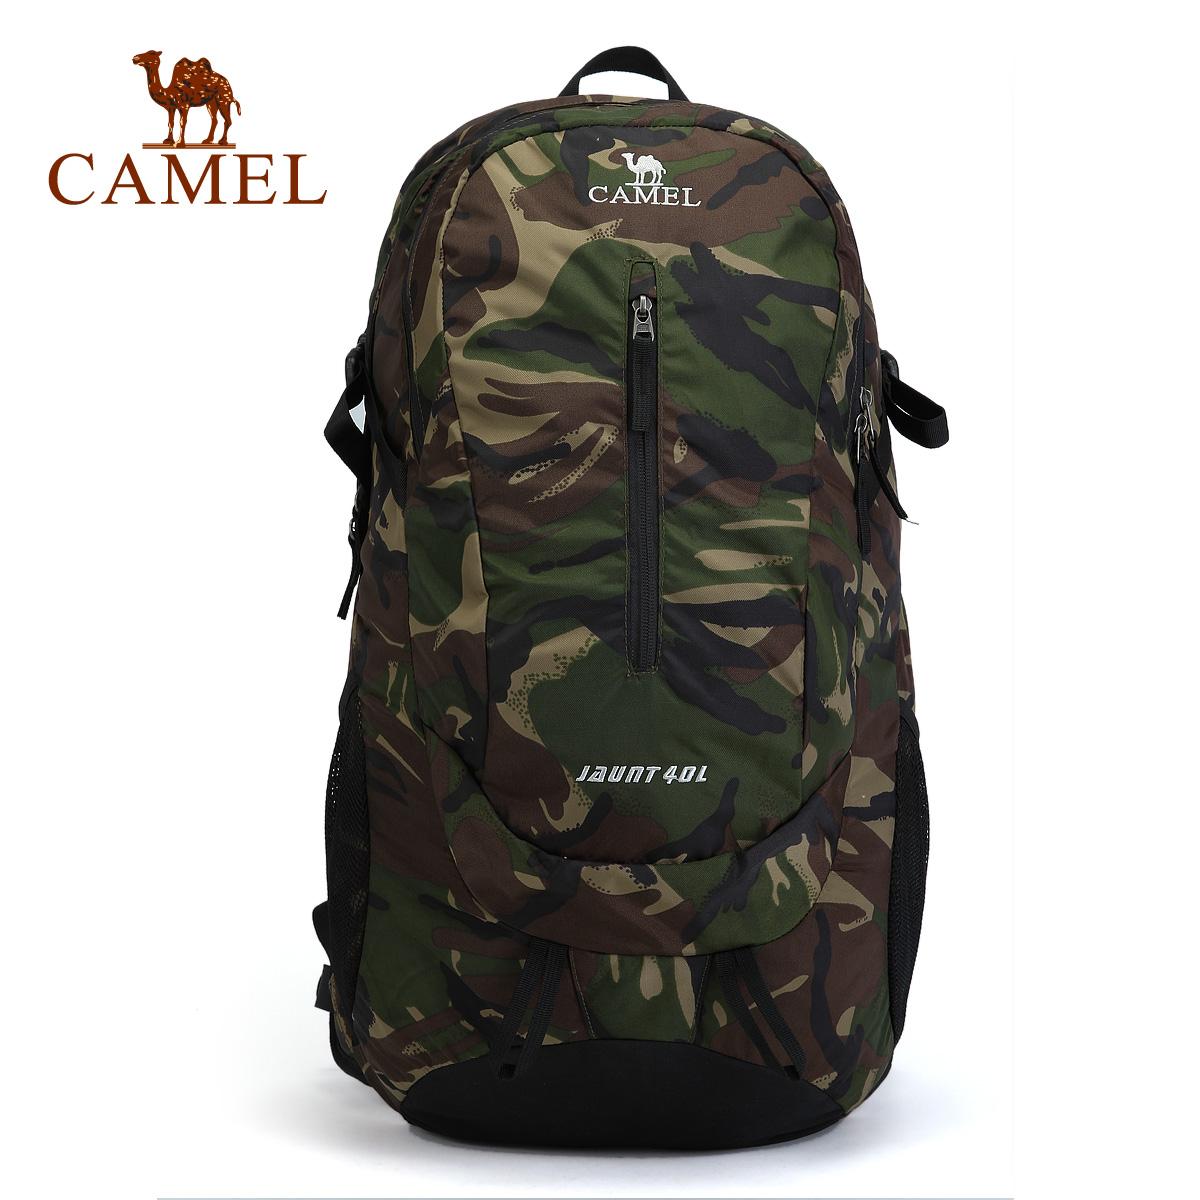 Туристический рюкзак Camel 3sc7001 2013 40L Camel